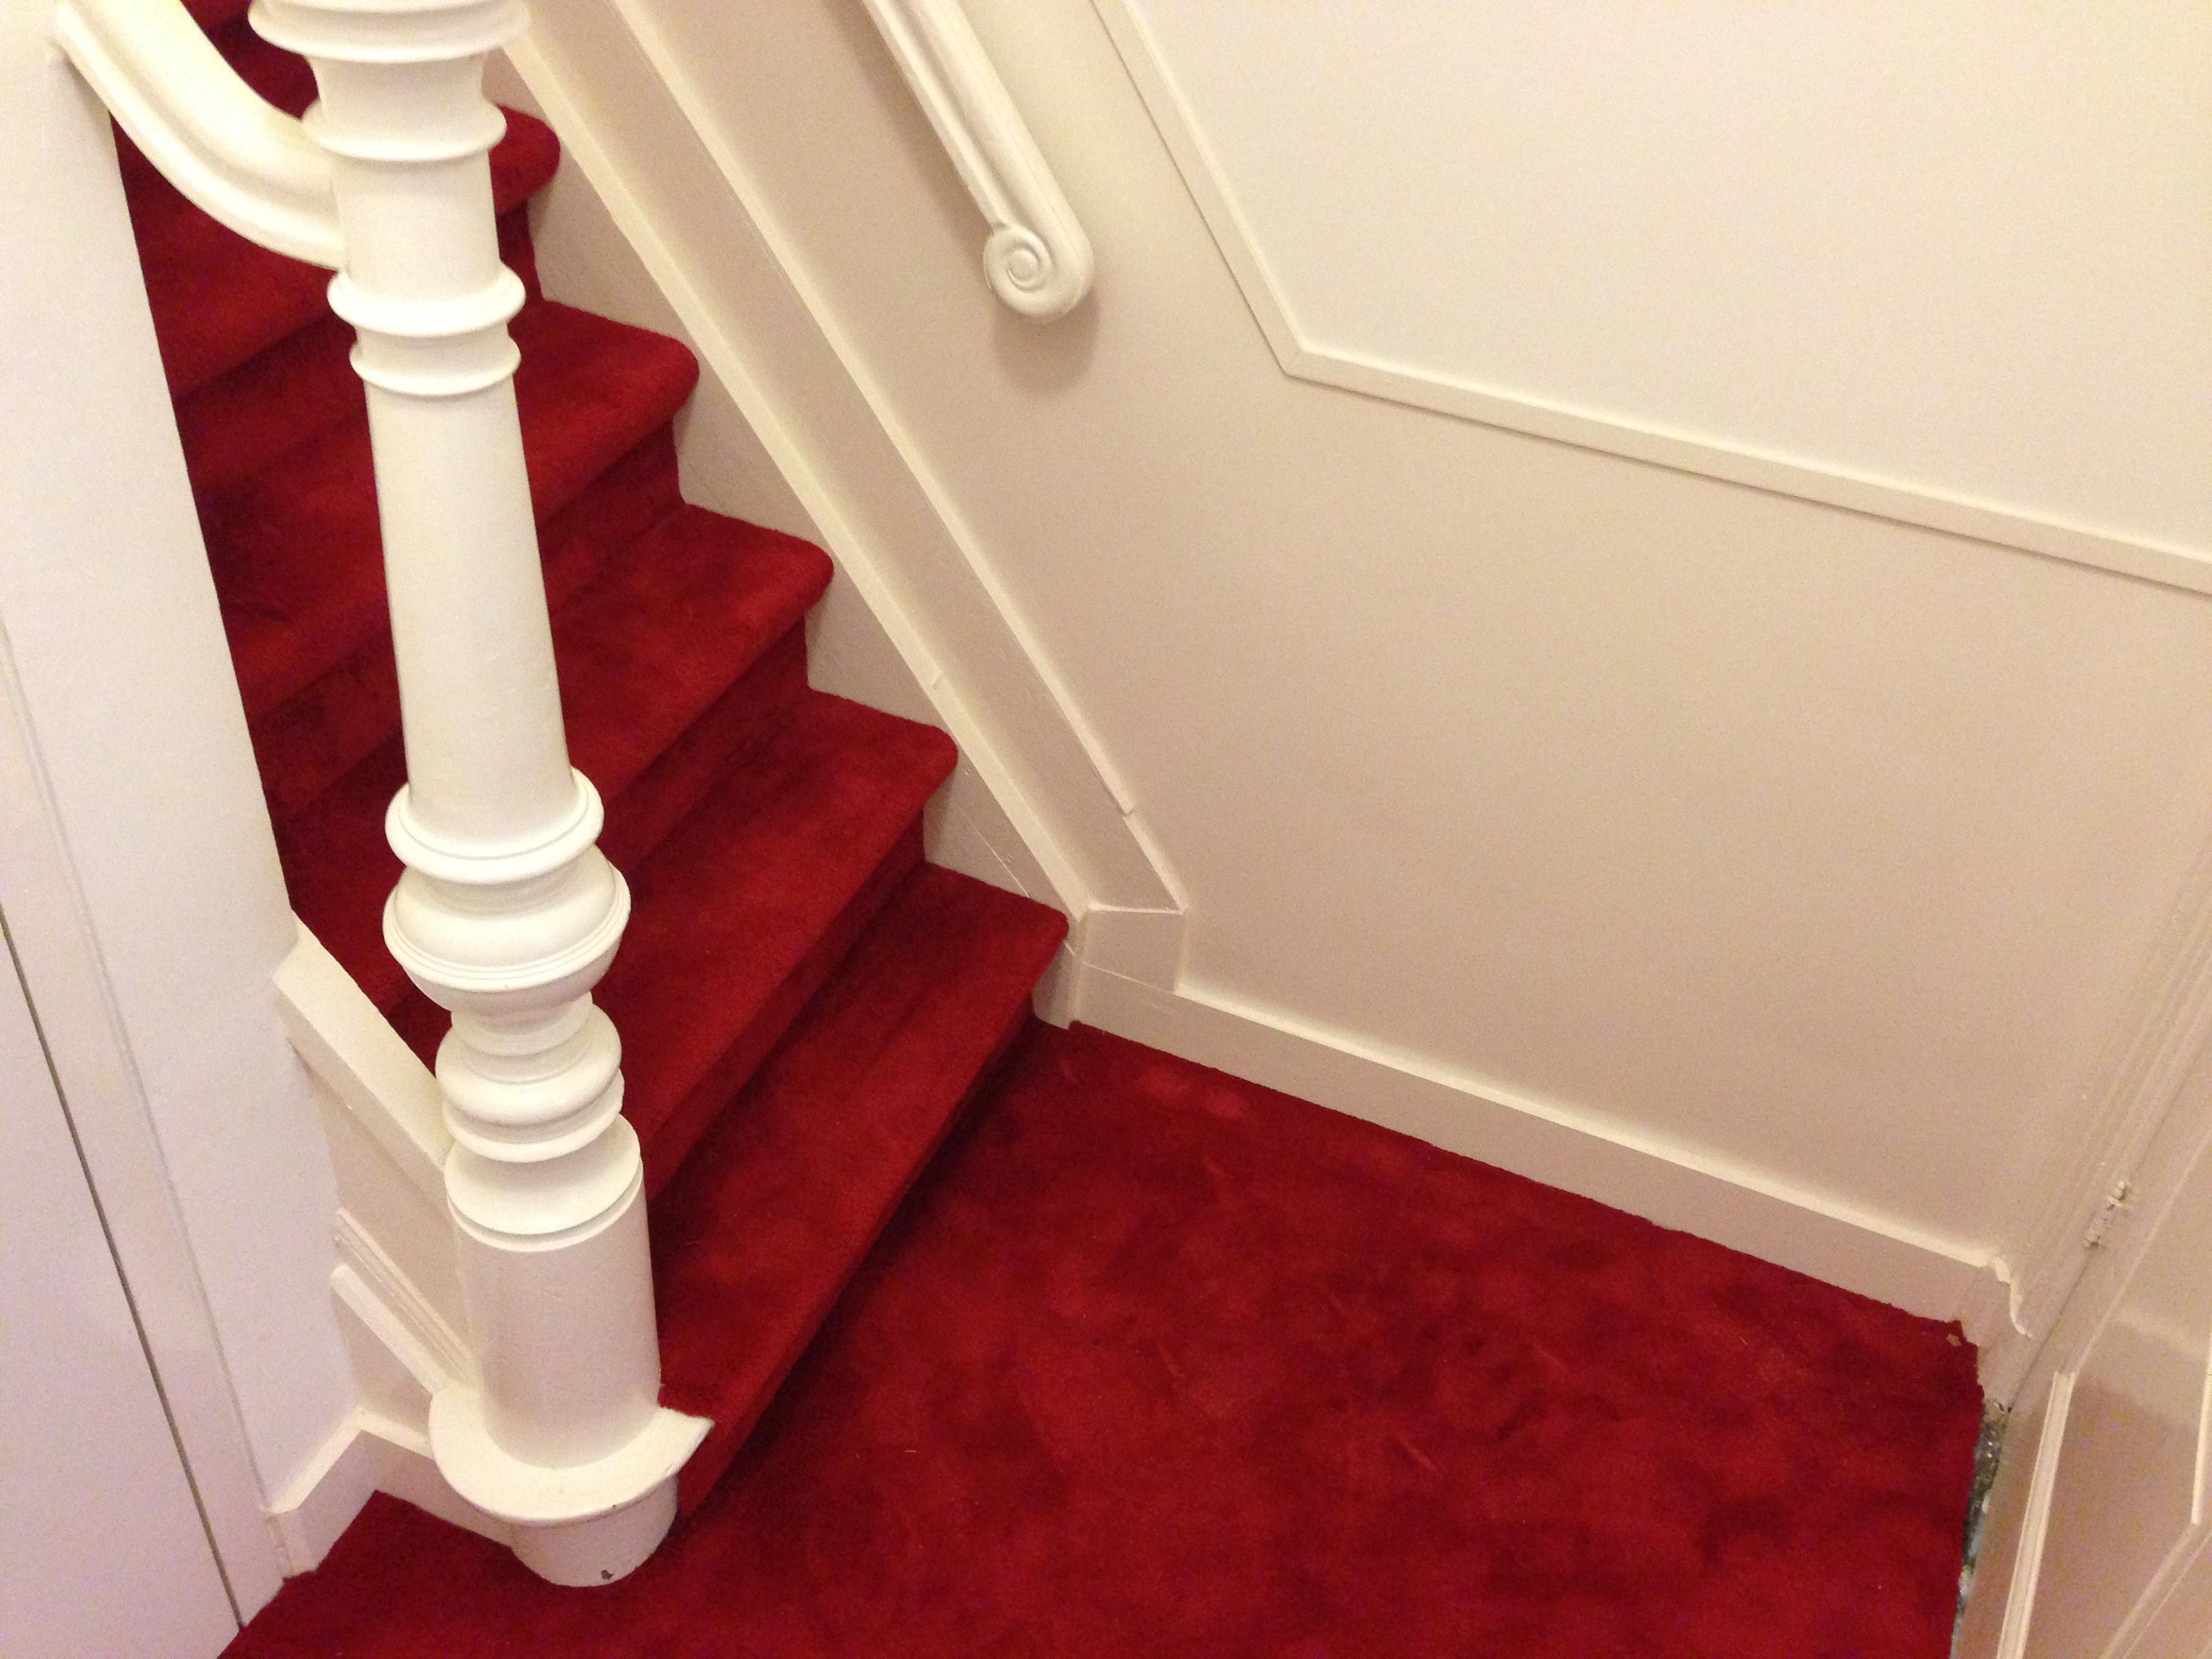 Trappenhuis renoveren esb onderhoudesb onderhoud - Vervoeren van een trappenhuis ...